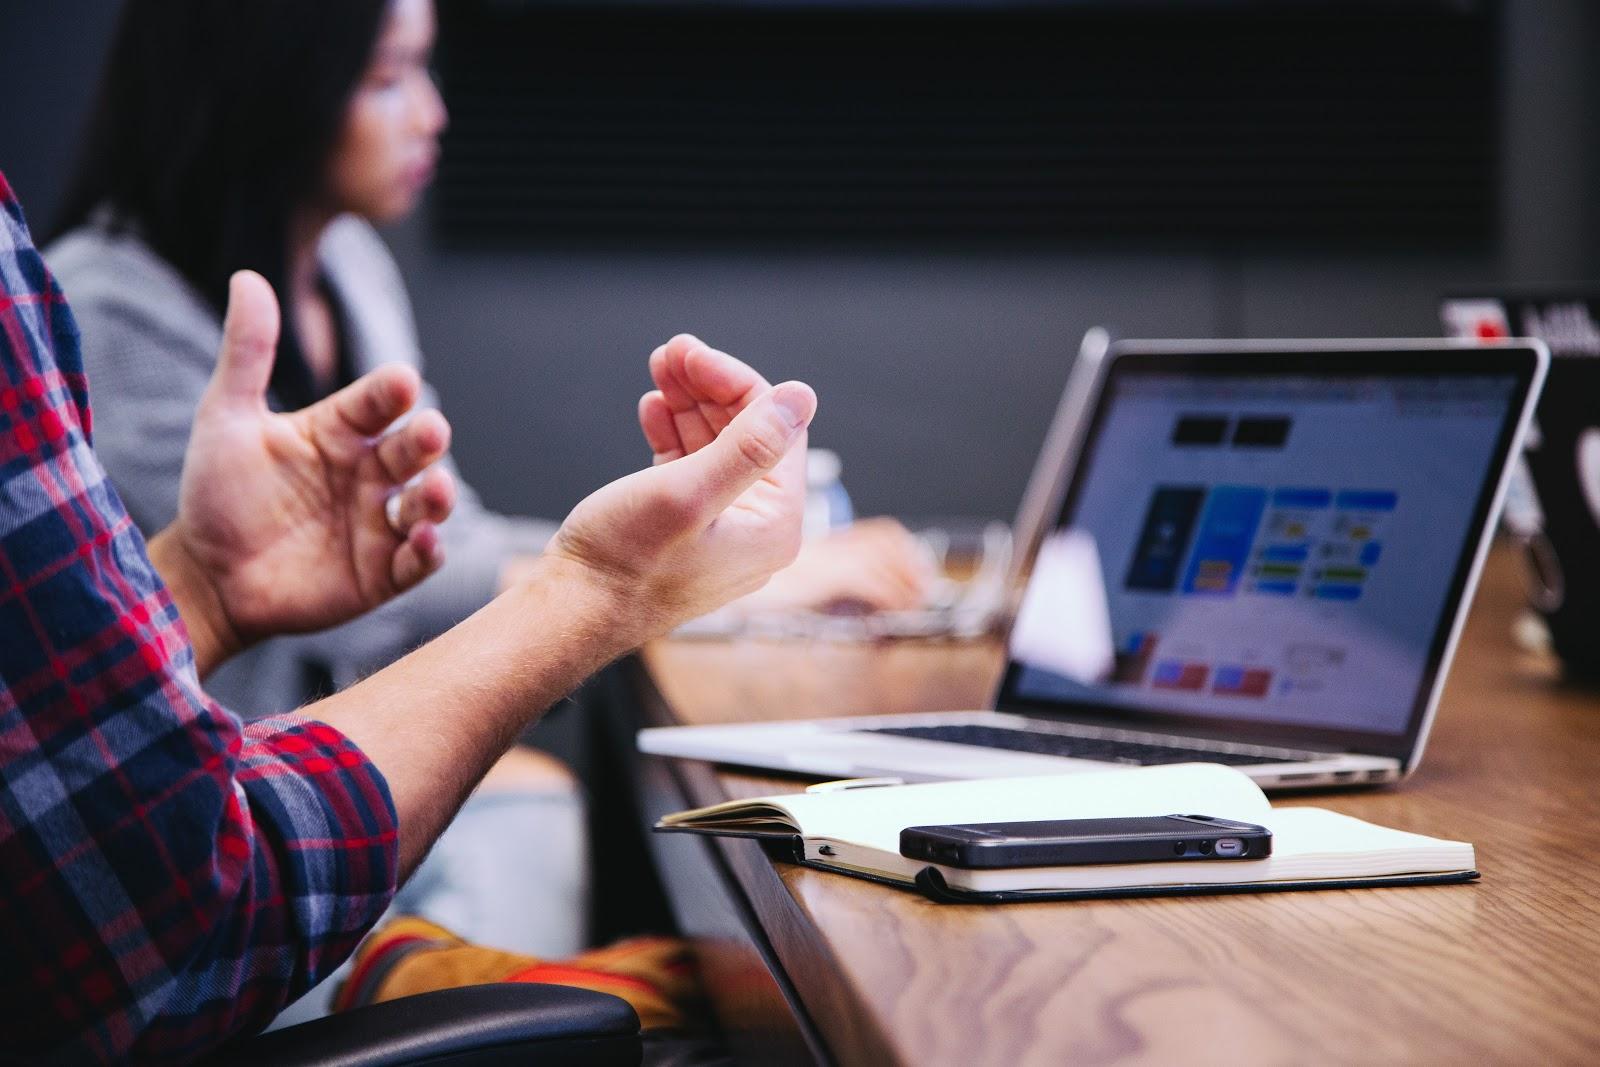 Uma mão fazendo gestos de explicação em uma mesa.